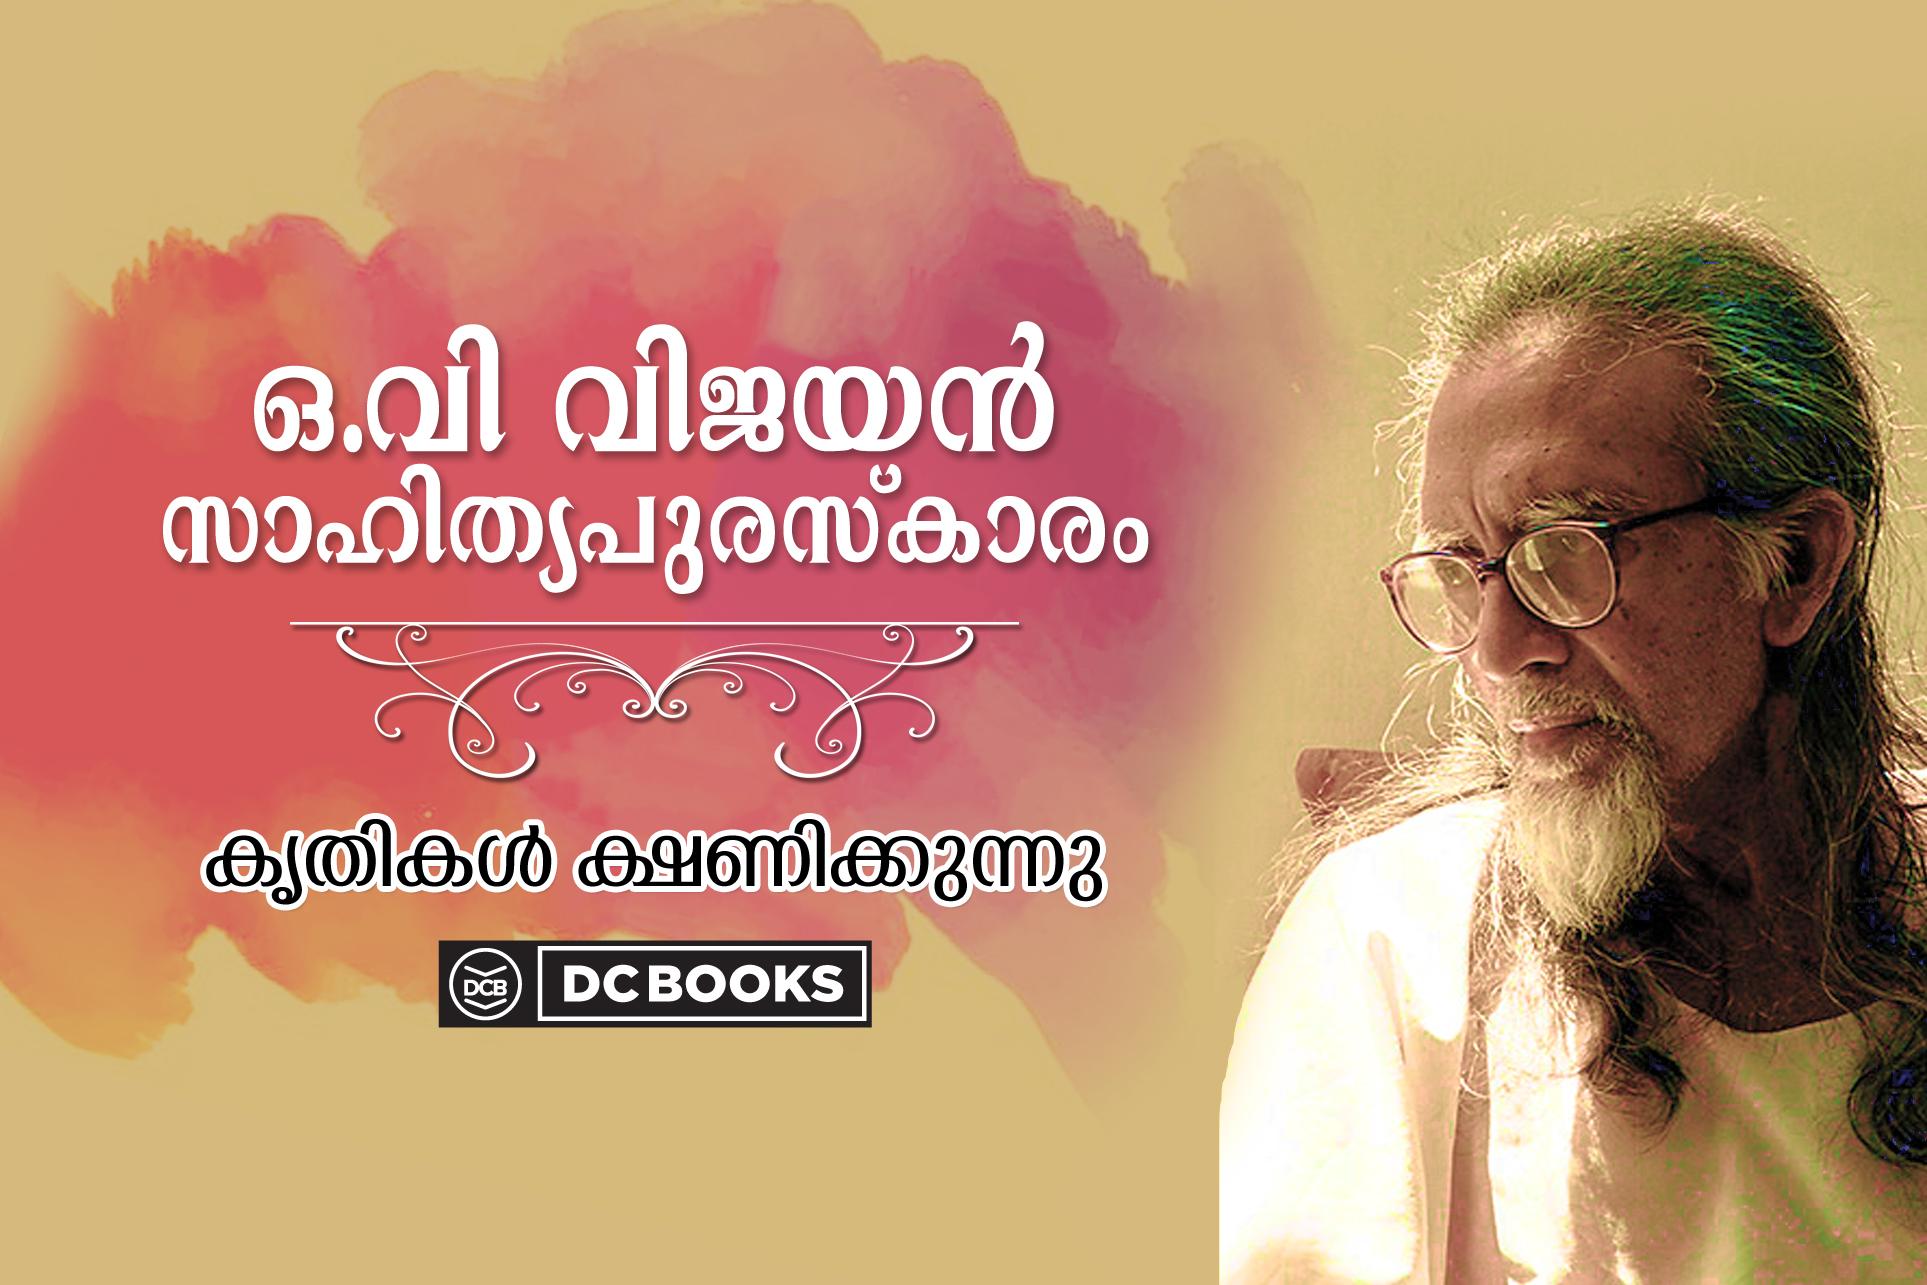 6 OV Vijayan new portal